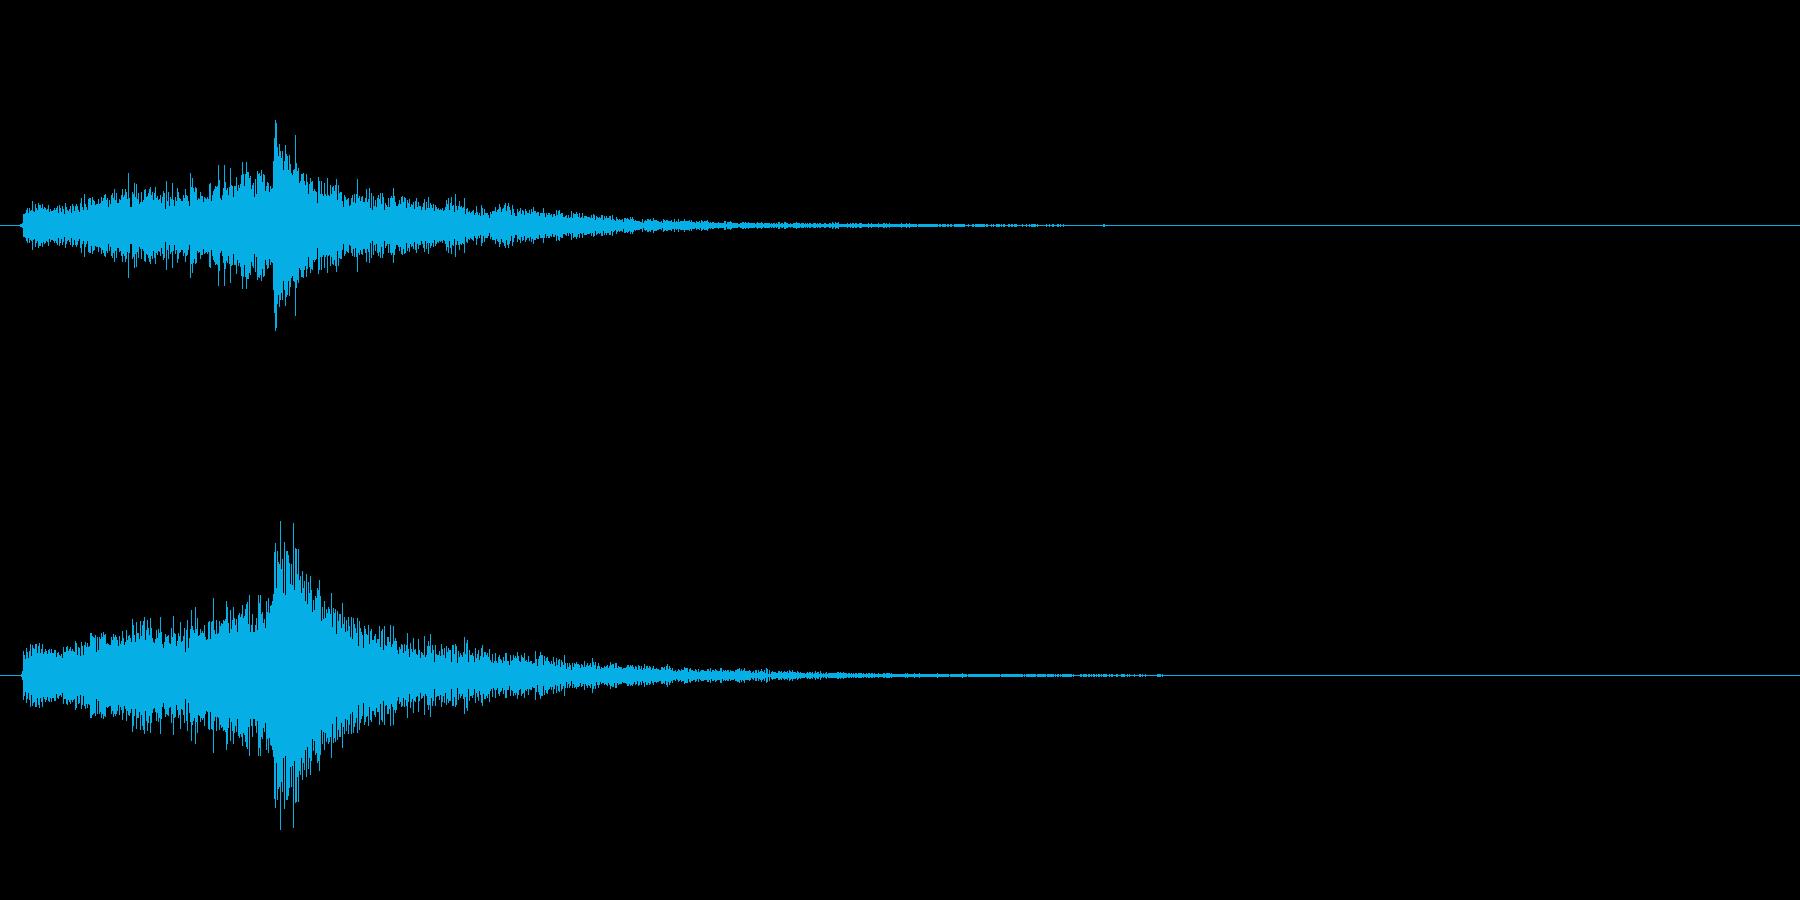 日本らしいアプローチ・和風キャラの登場音の再生済みの波形